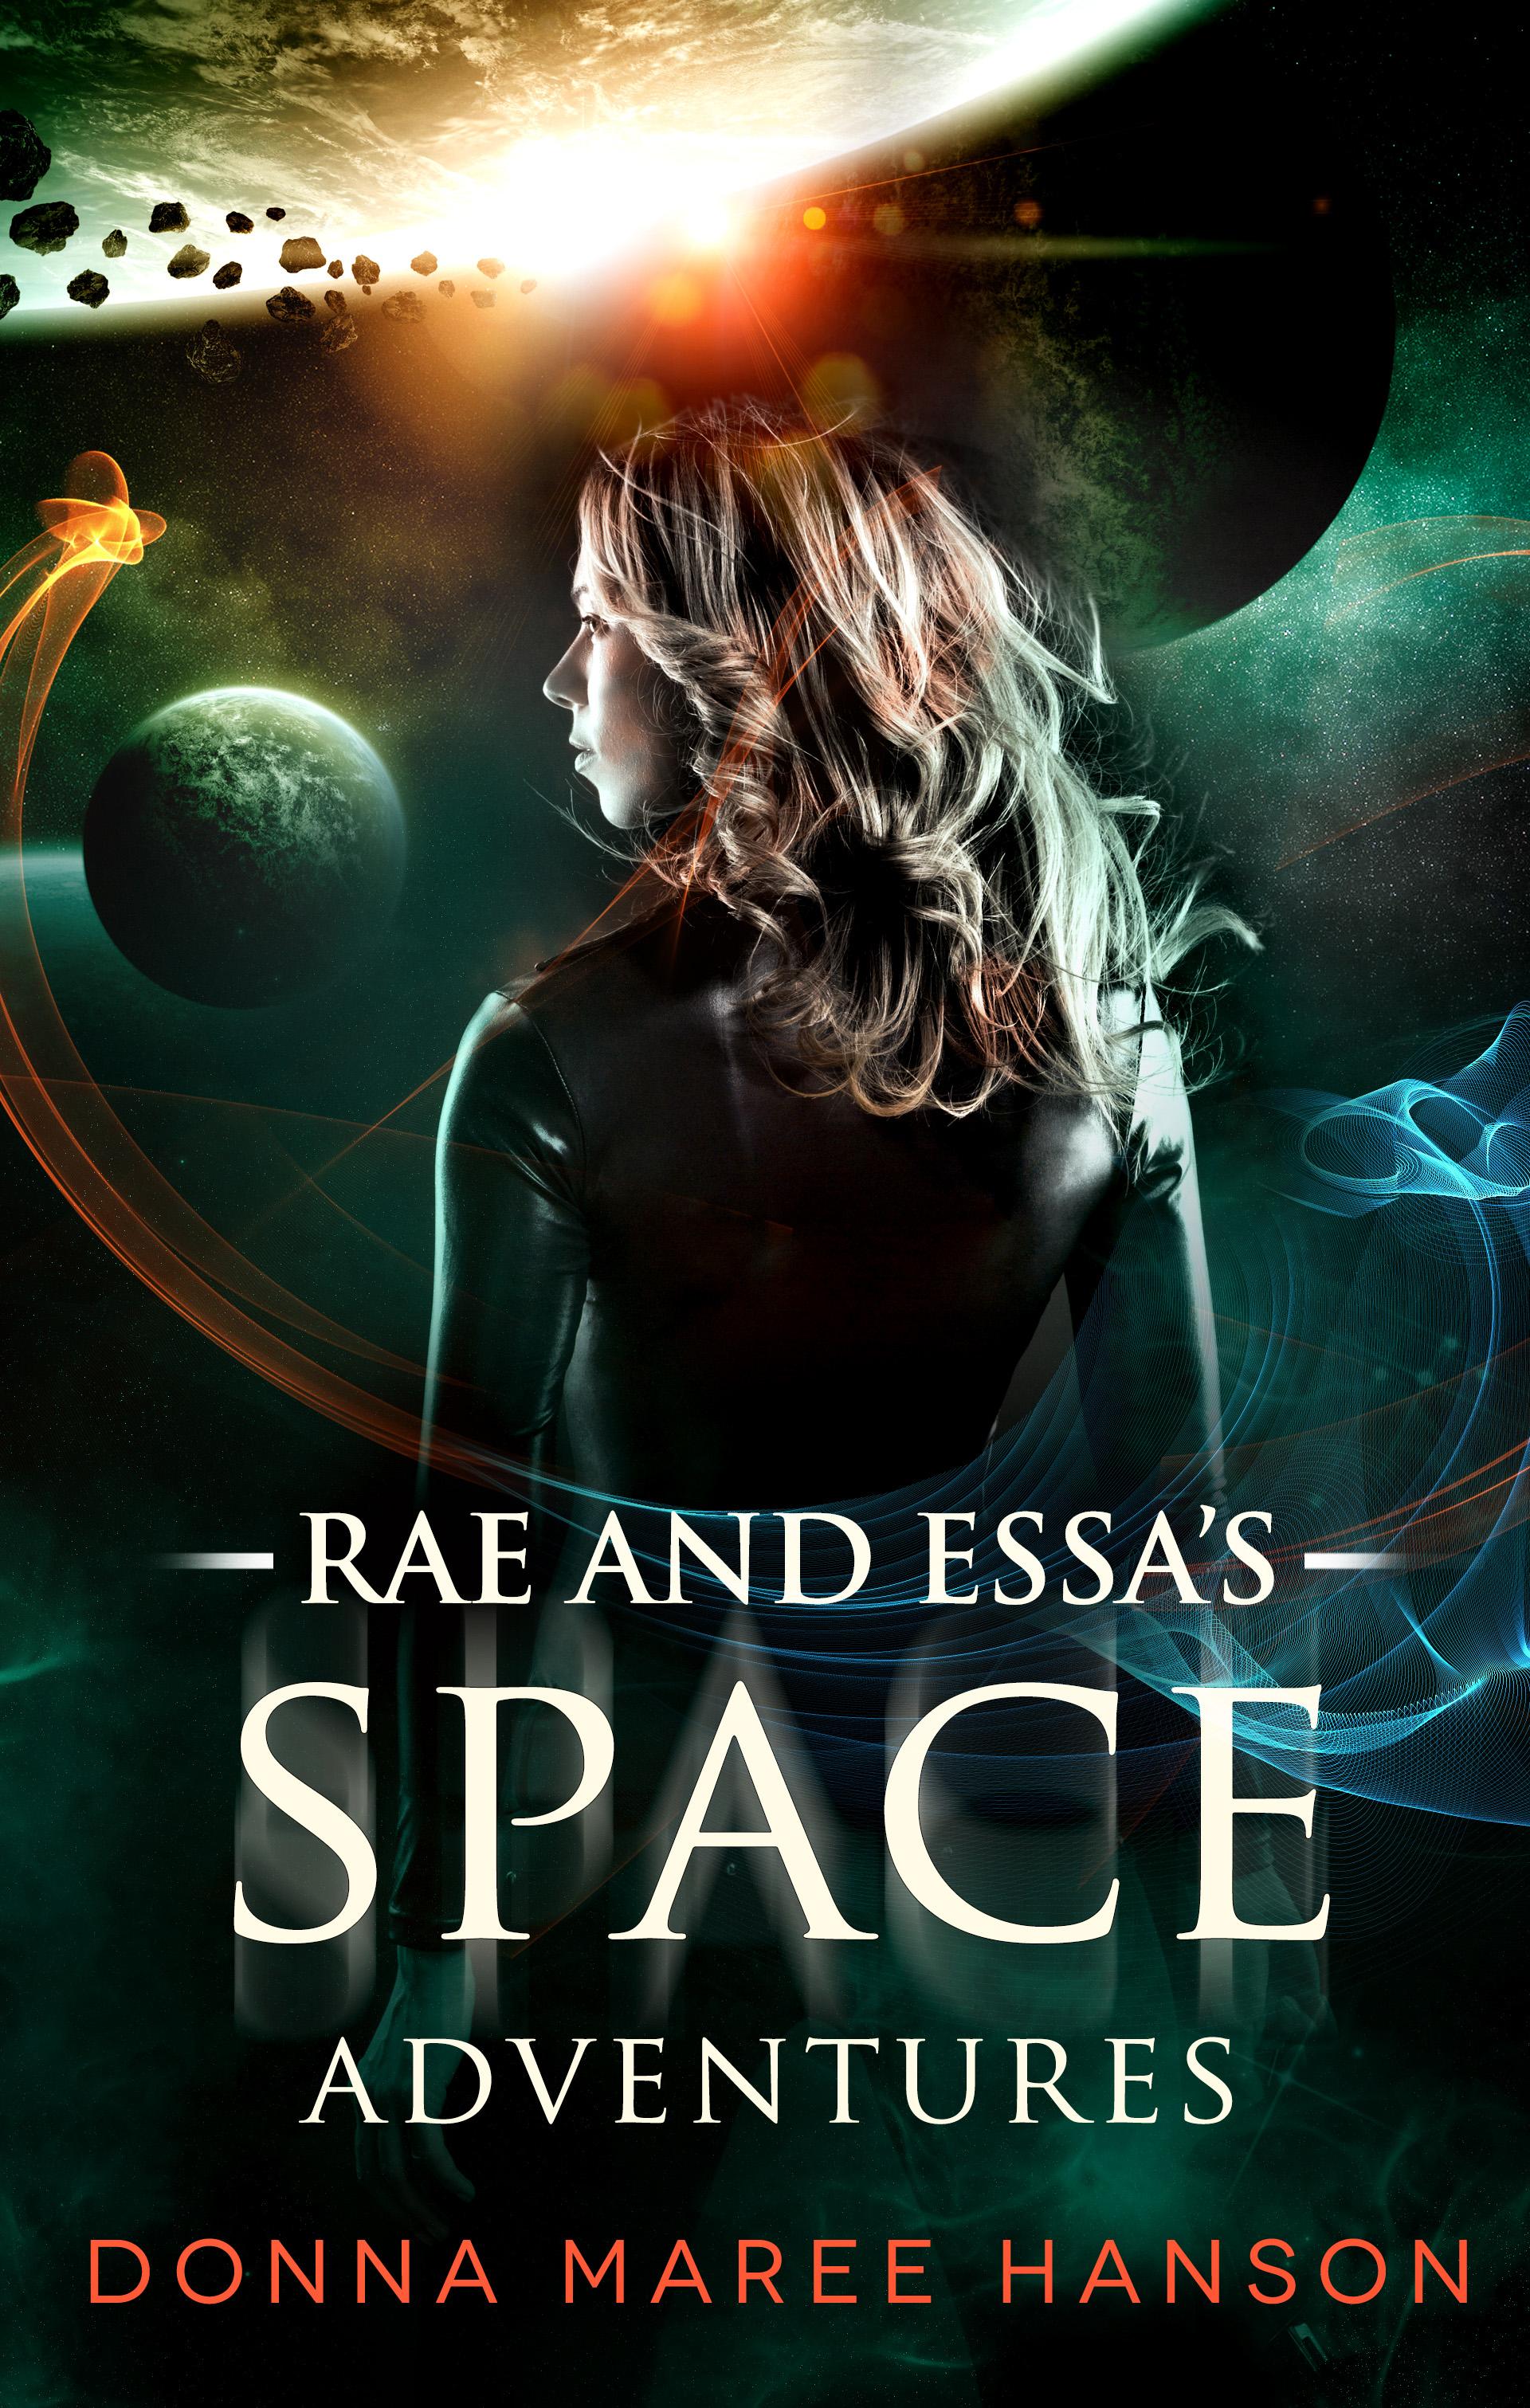 Rae and Essa Space Adventures